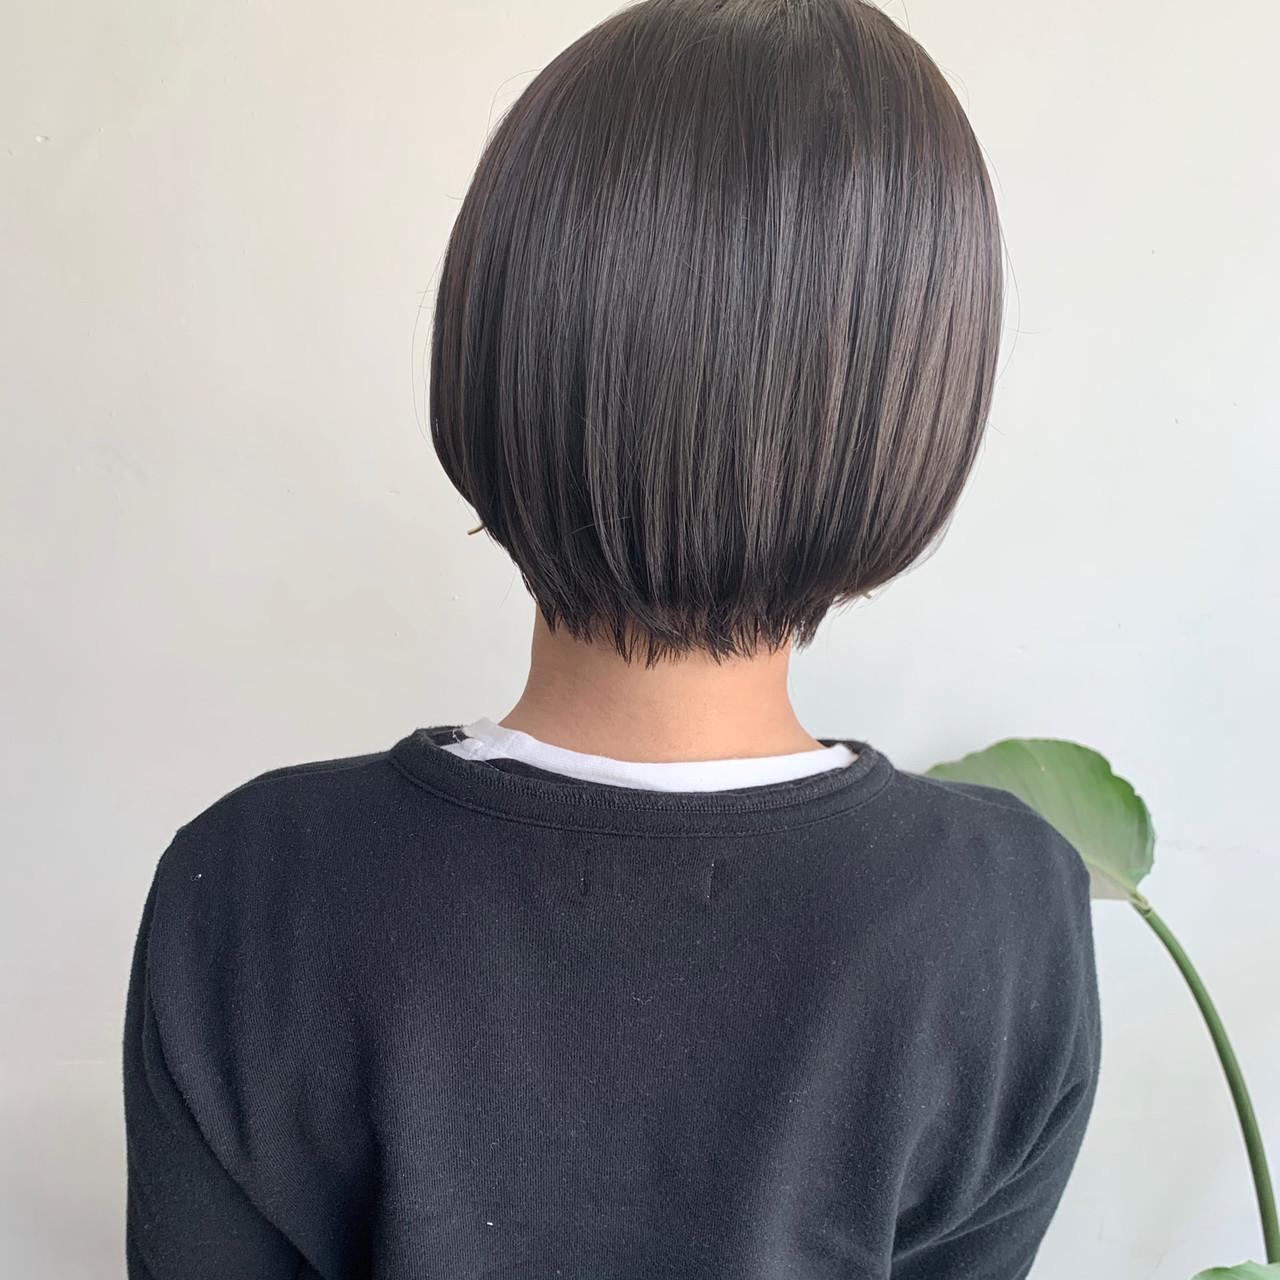 ナチュラル ブラウンベージュ アッシュベージュ ショート ヘアスタイルや髪型の写真・画像